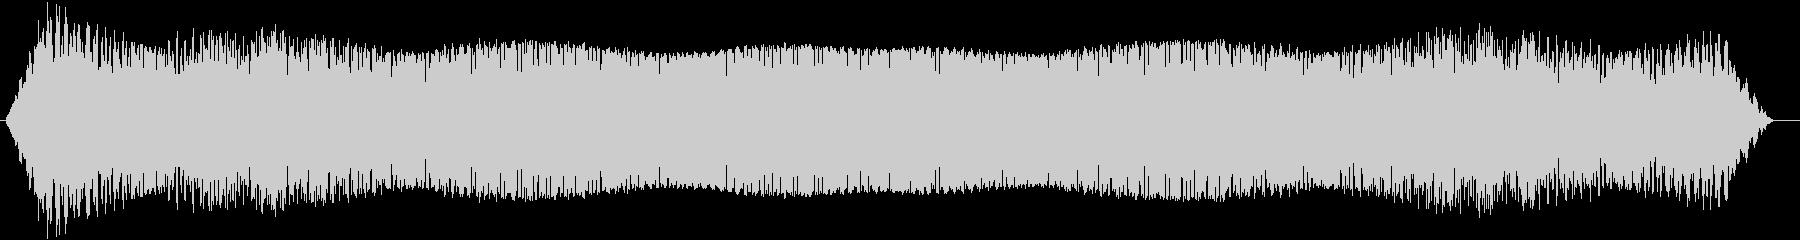 ファミコンの野球ゲームで球を打ち上げた音の未再生の波形